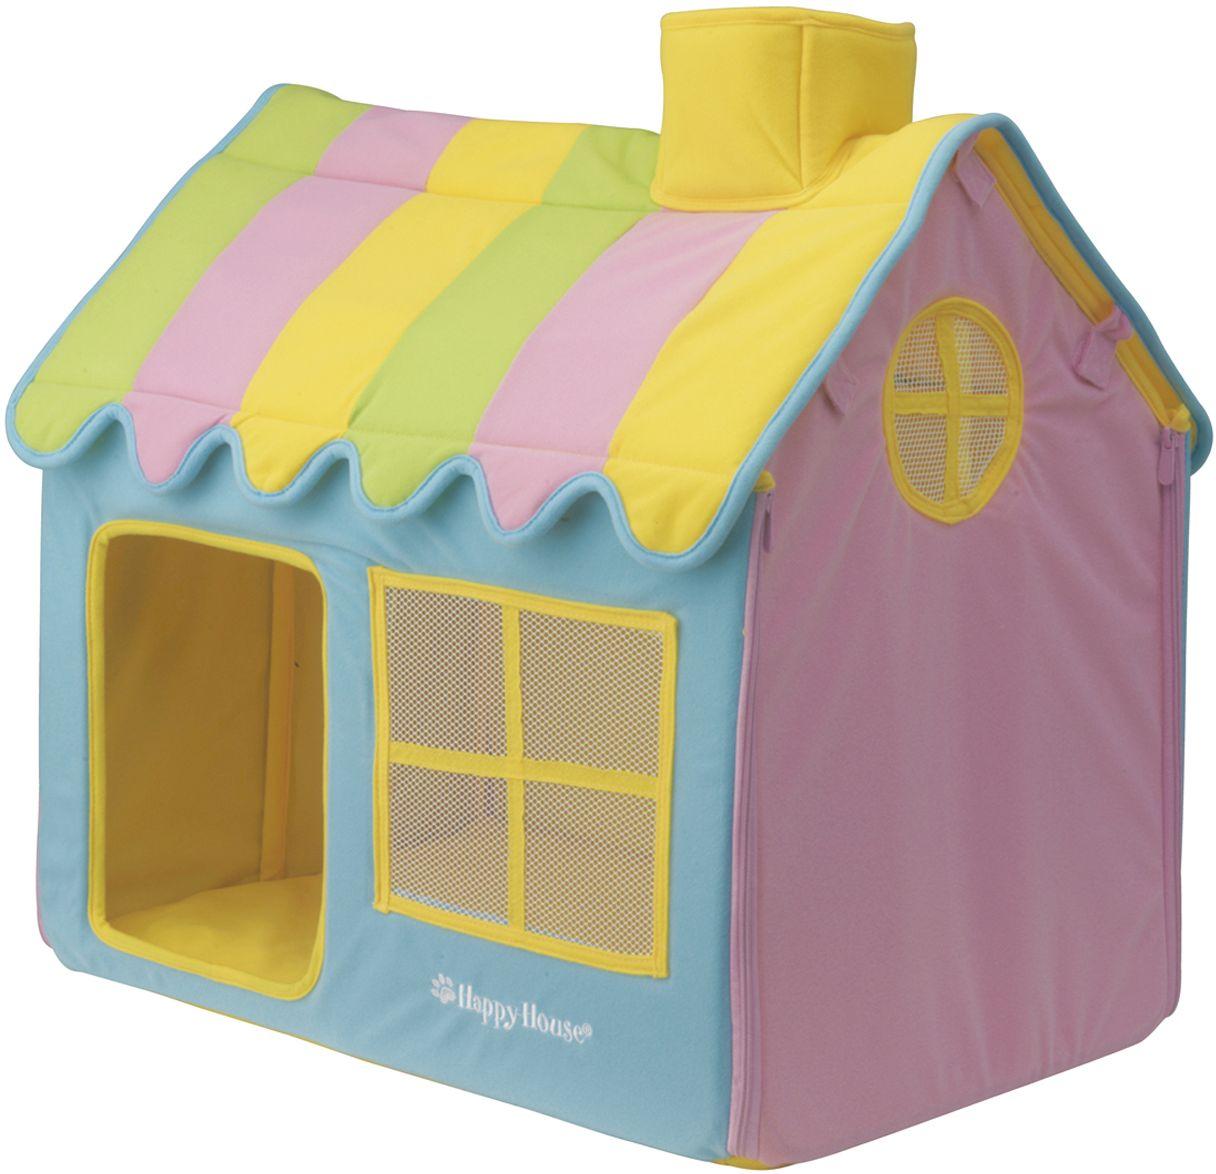 Домик для домашних животных Happy House Happy Life, цвет: желтый, синий, розовый, 62 х 42 х 59 см8461Большой, уютный домик Happy House Happy Life, выполненный из полиэстера и картона, отлично подойдет для вашего любимца. Такой домик станет не только идеальным местом для сна вашего питомца, но и местом для отдыха. Внутрь домика ведет квадратное отверстие. Мягкий домик с оригинальным дизайном имеет сборную конструкцию, что облегчит его транспортировку и хранение. Внутри имеется съемная подушка. Подушку можно стирать при 30°С. Размер домика: 62 х 42 х 59 см.